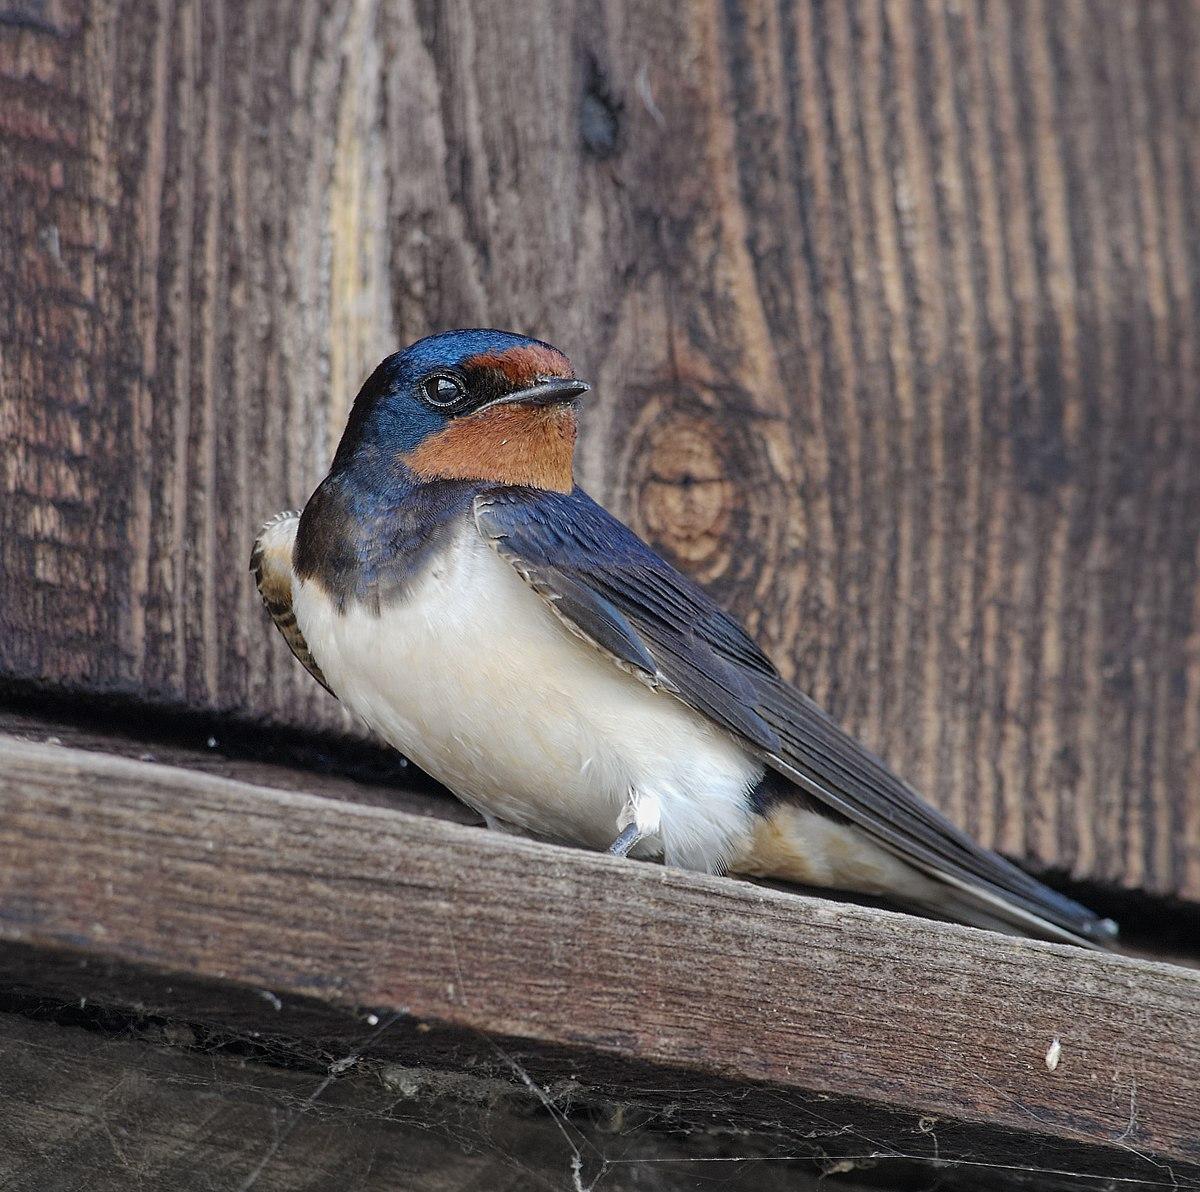 pierderea în greutate a omului de păsări 58 kg pierd in greutate